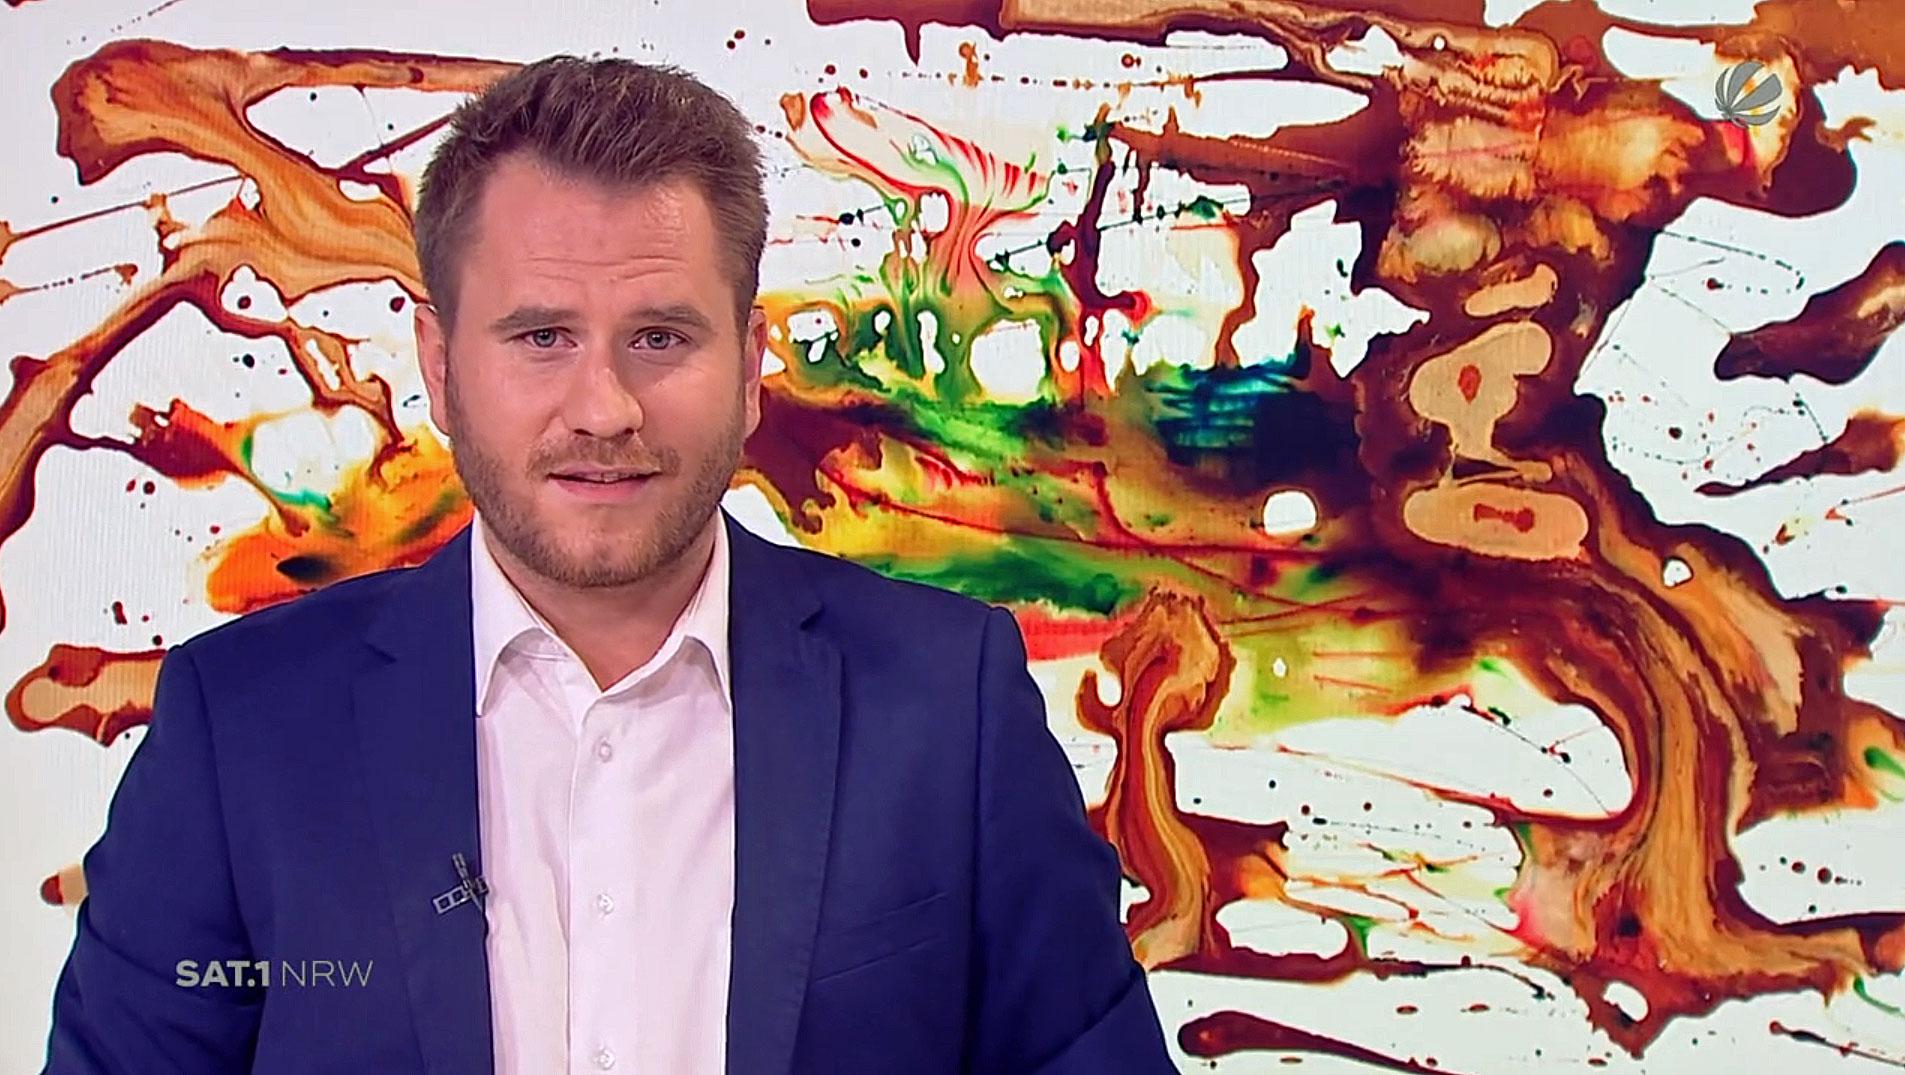 sat.1 Sat1 NRW GAG Köln Manfred Dahmen Das teuerste Kunstwerk der Welt